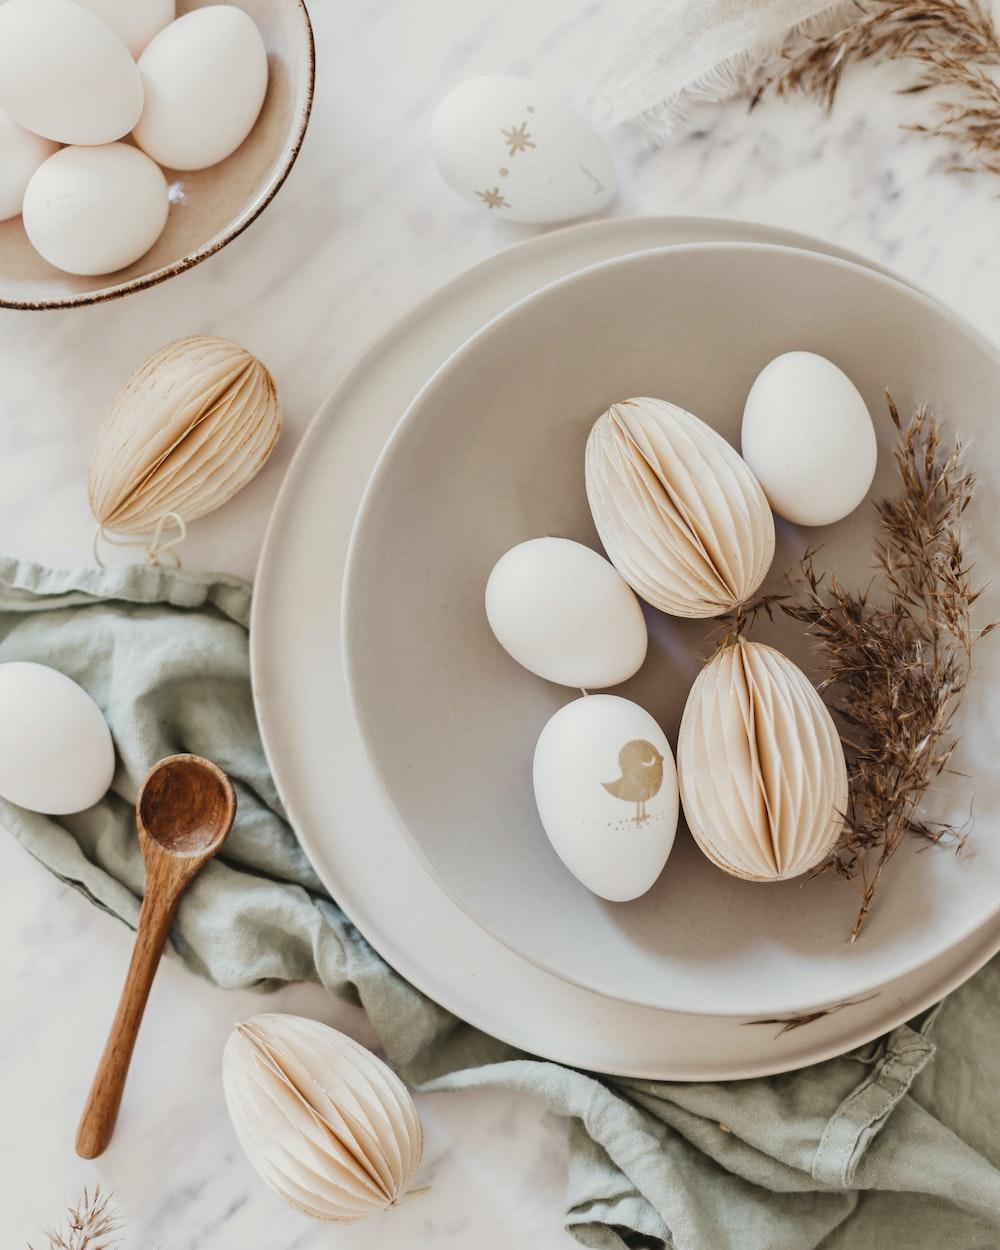 white egg shell on white ceramic plate